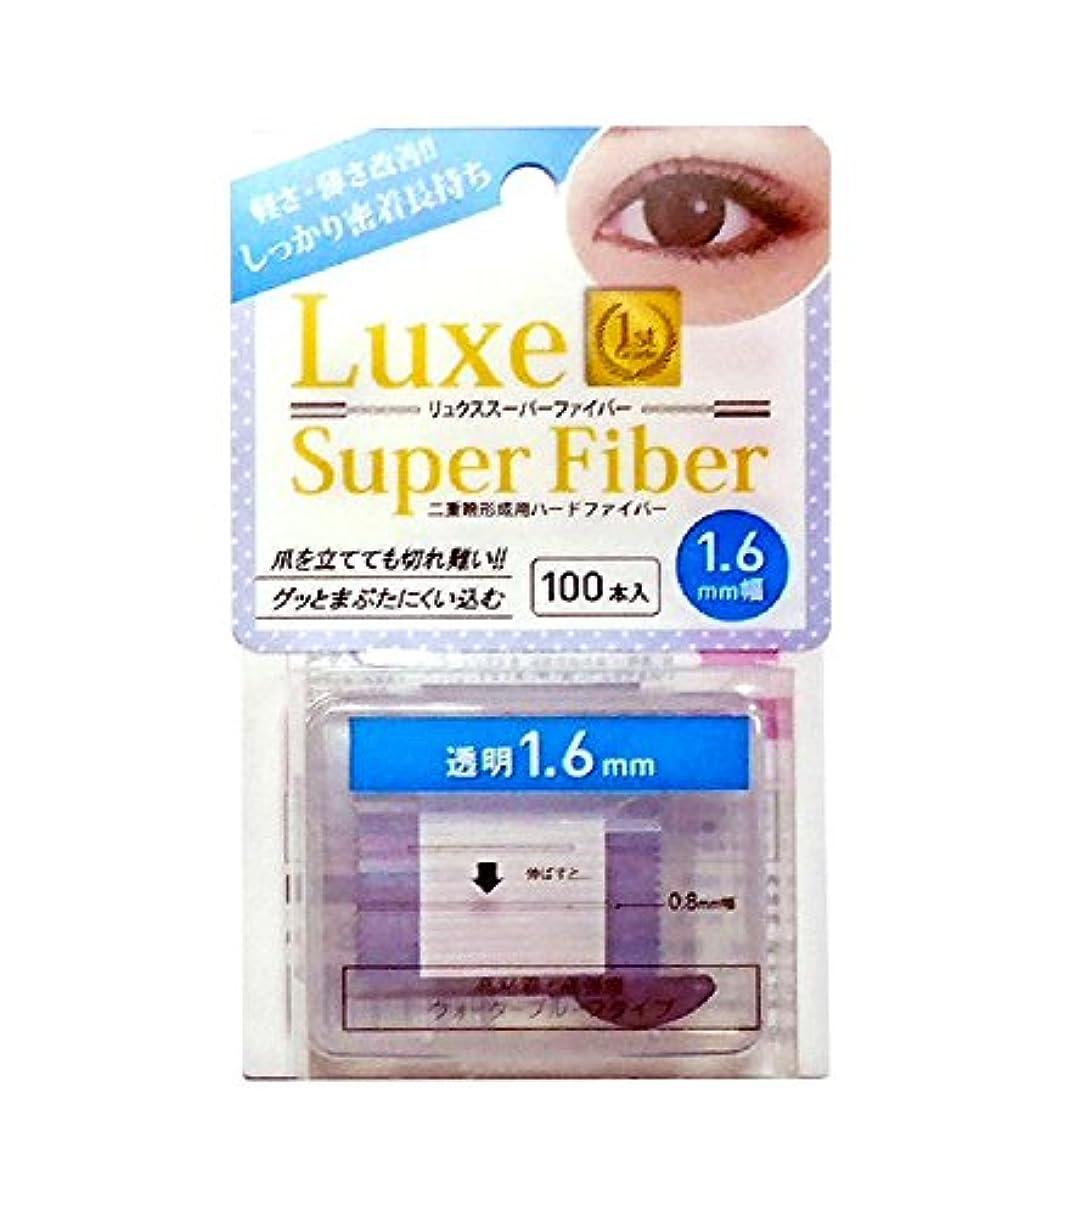 ペレグリネーションサイドボード打撃Luxe(リュクス) スーパーファイバーII 透明 クリア 1.6mm 100本入り